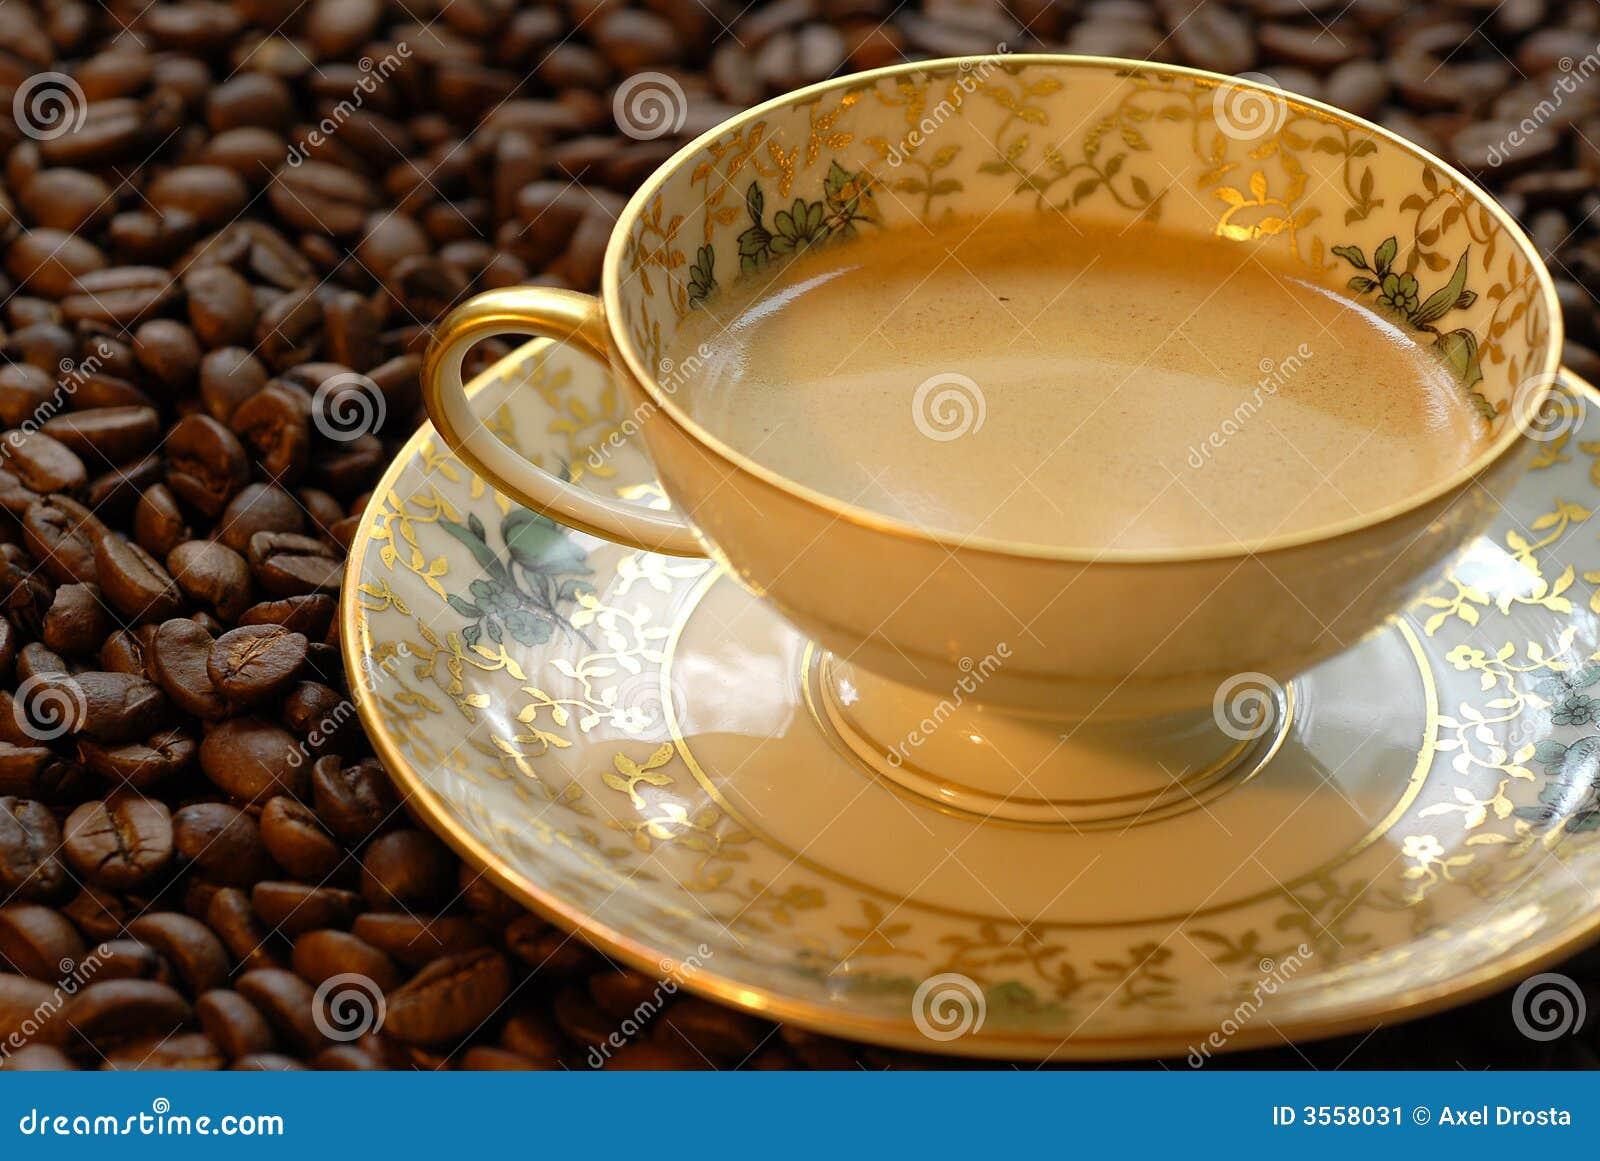 Tazza di caffè sui chicchi di caffè